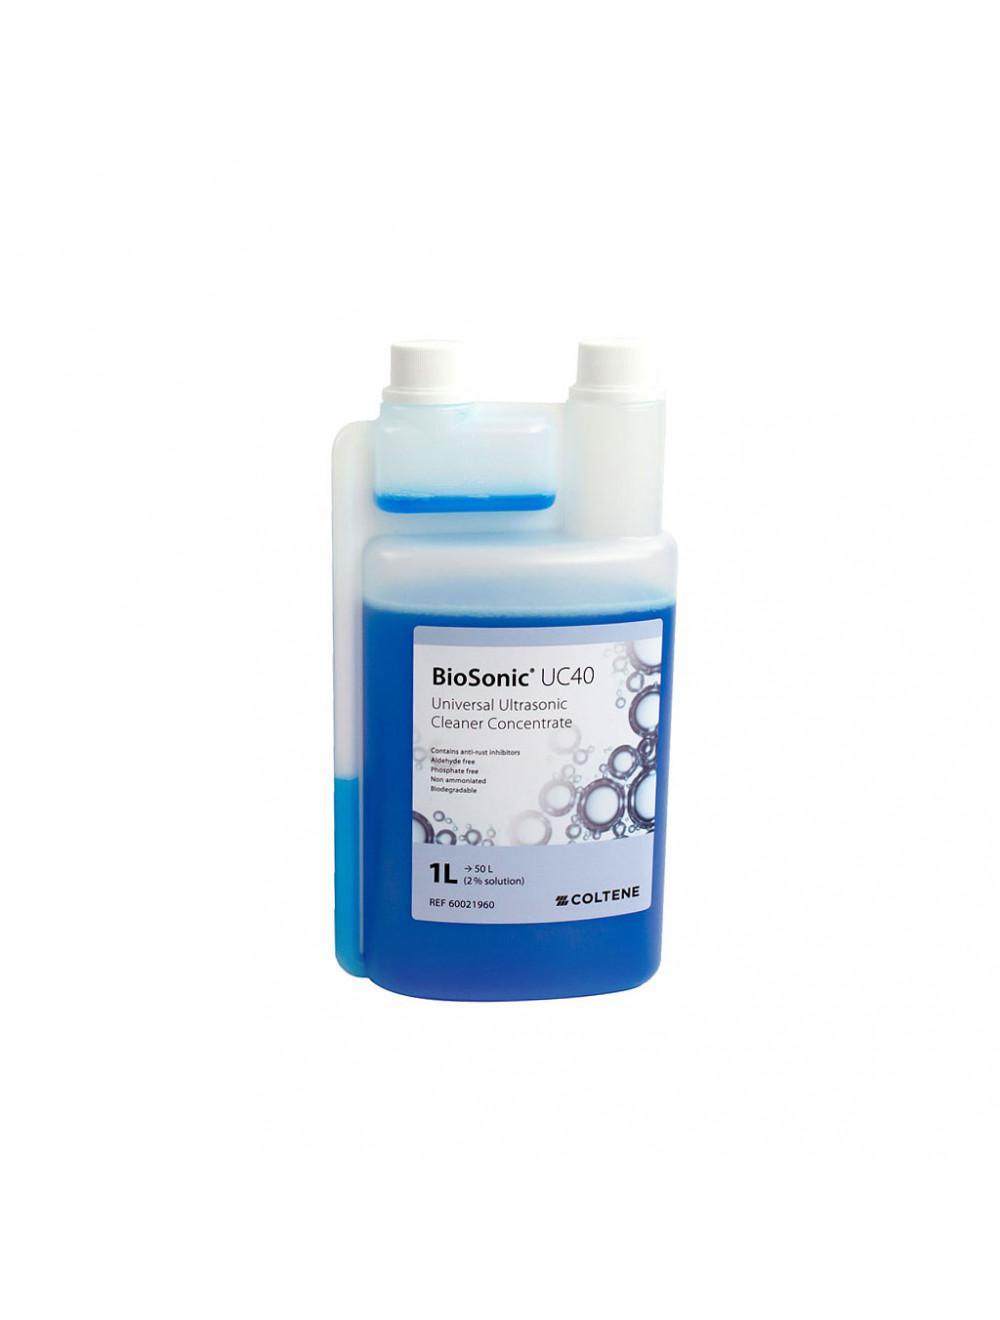 Coltene BioSonic 1 Liter Universal-Ultraschallreiniger UC40 Konzentrat 60021960